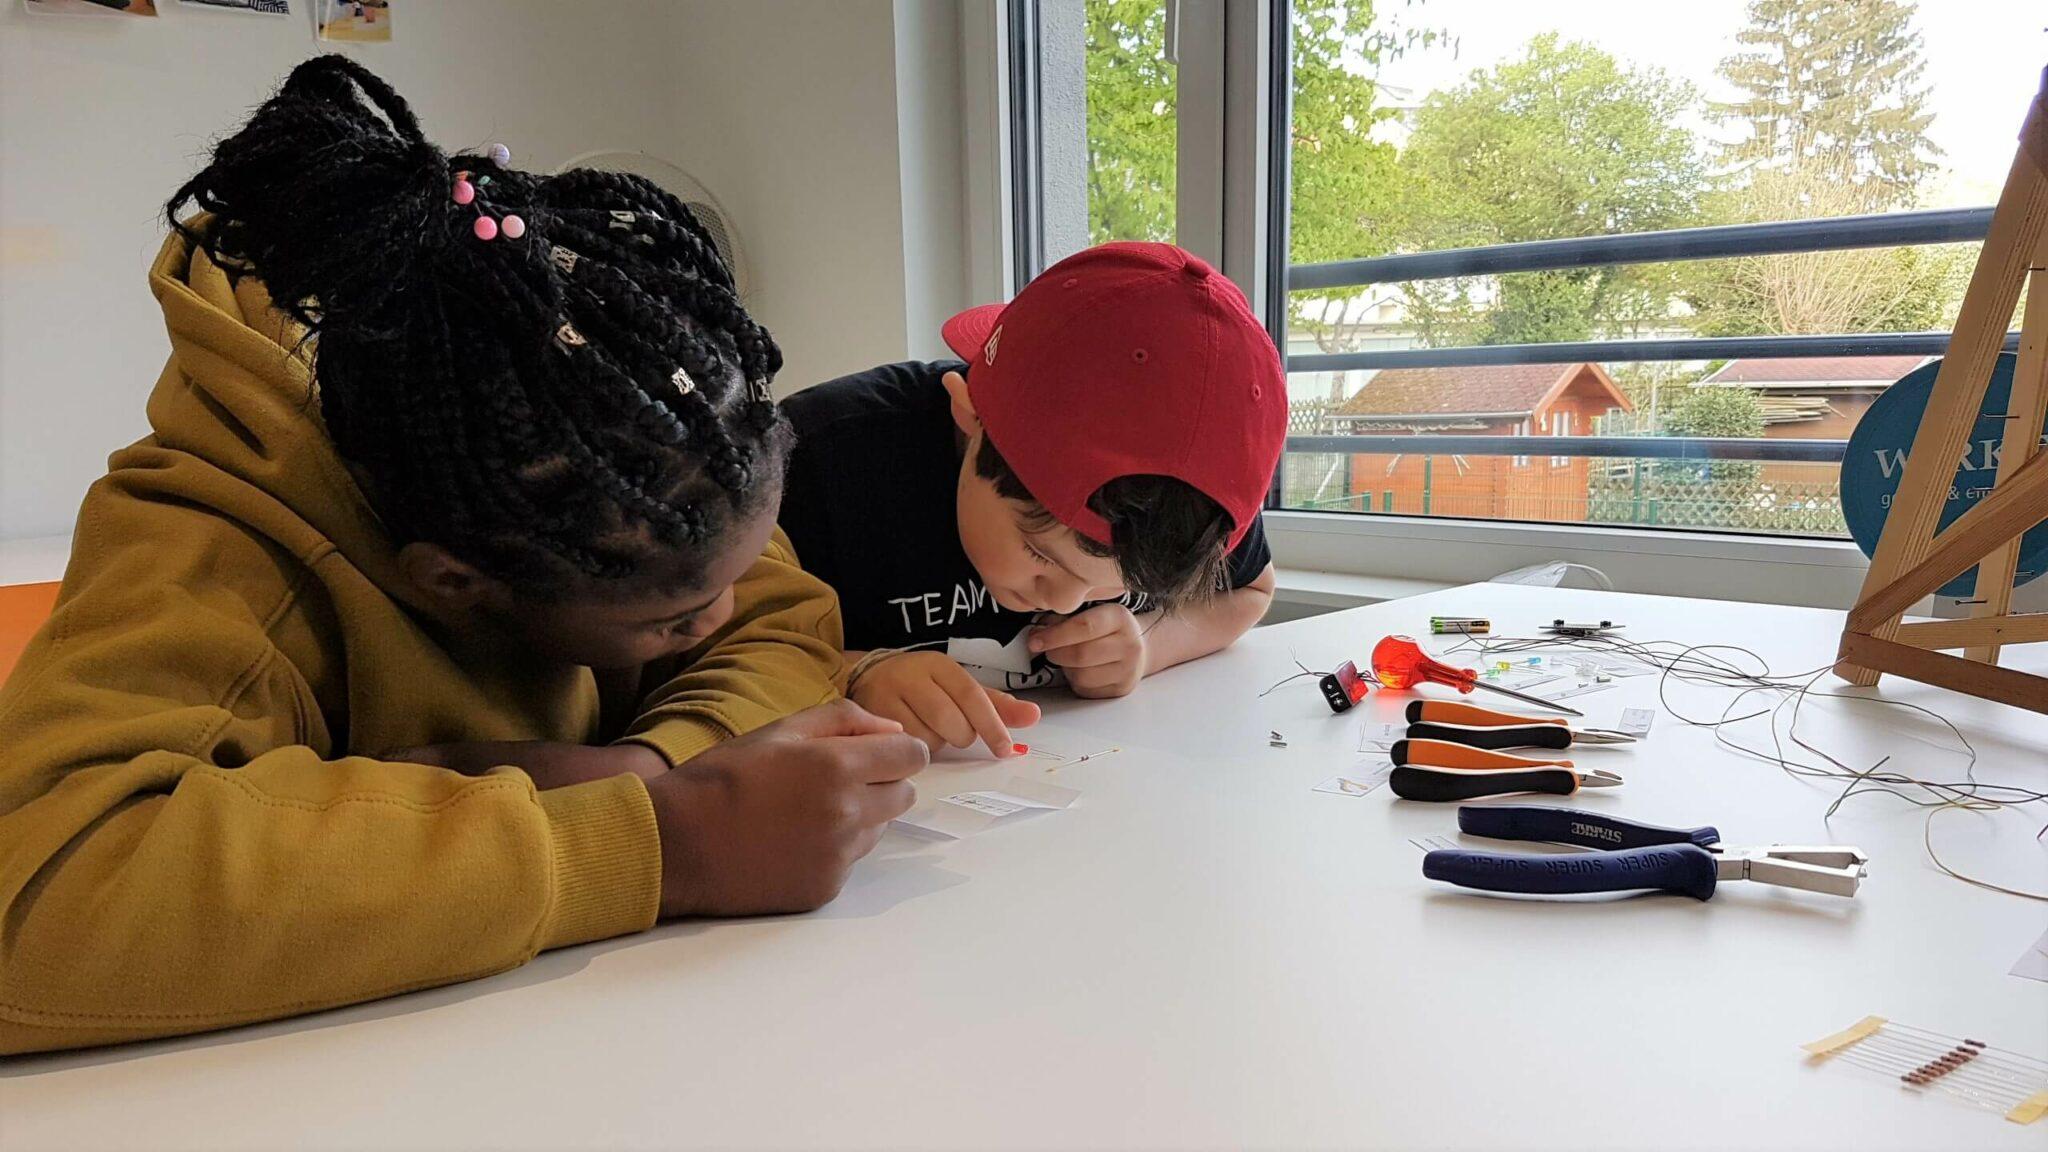 Zwei Kinder beugen sich konzentriert über einen Tisch. Dort liegen Werkzeuge und elektronische Bauteile.